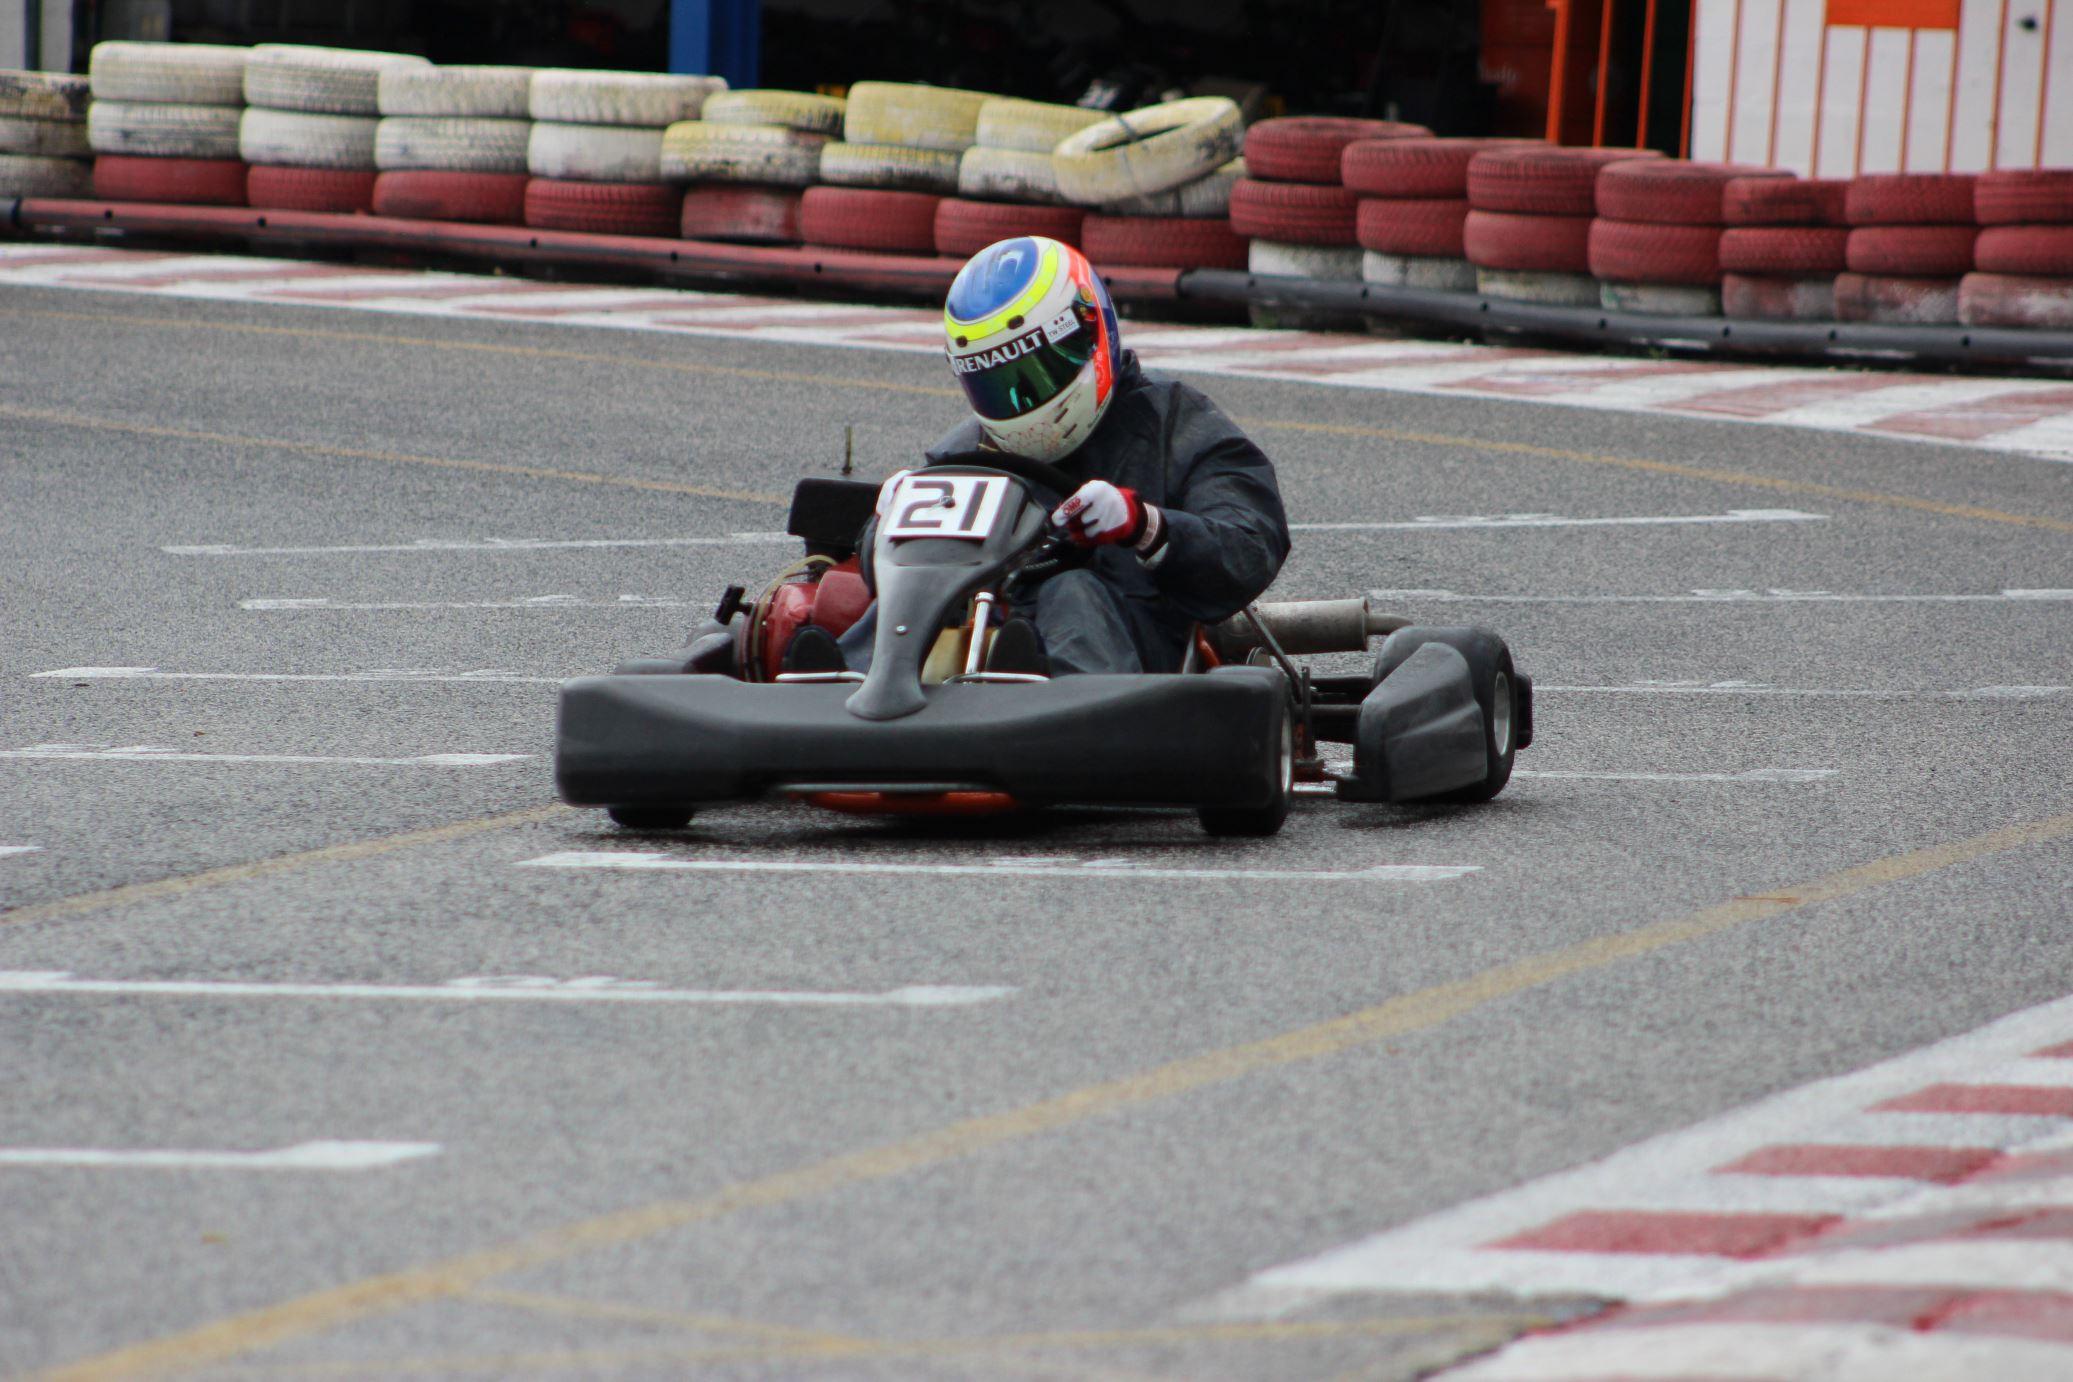 Troféu Honda 2014 - 2ª Prova99